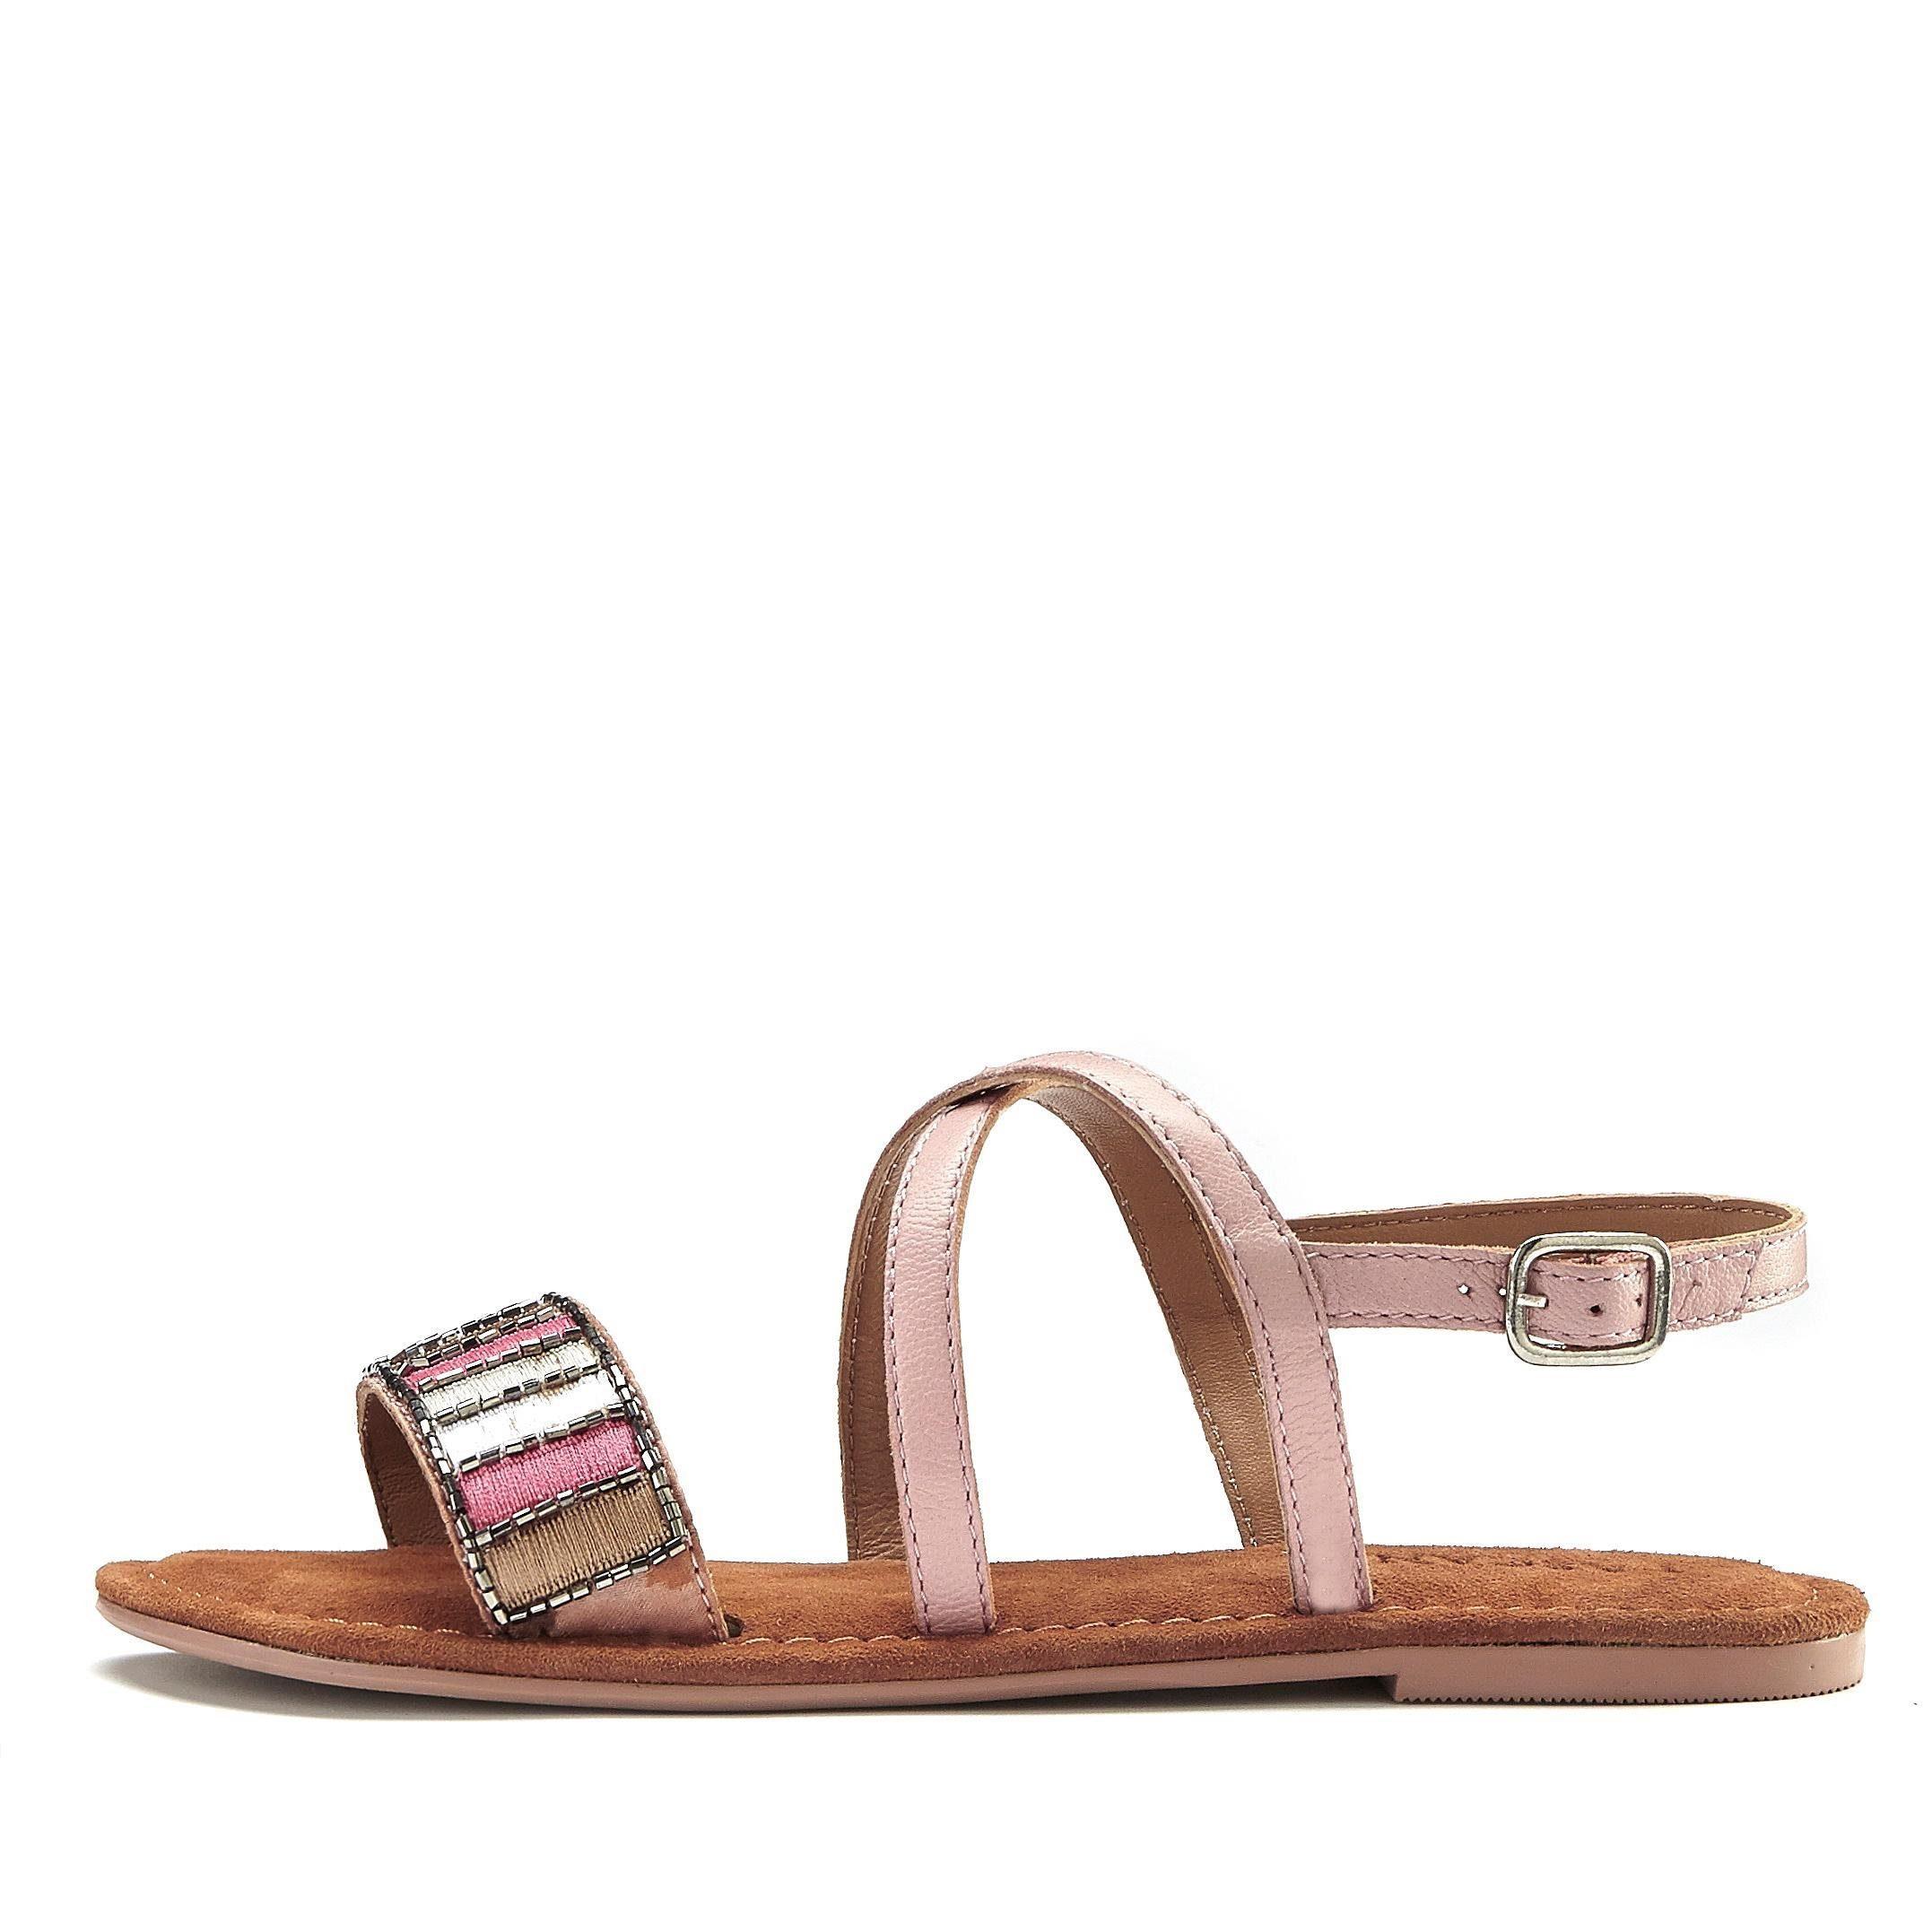 Sandale Band Lascana Aus Mit Leder Dekorativem xeQdrCBoW